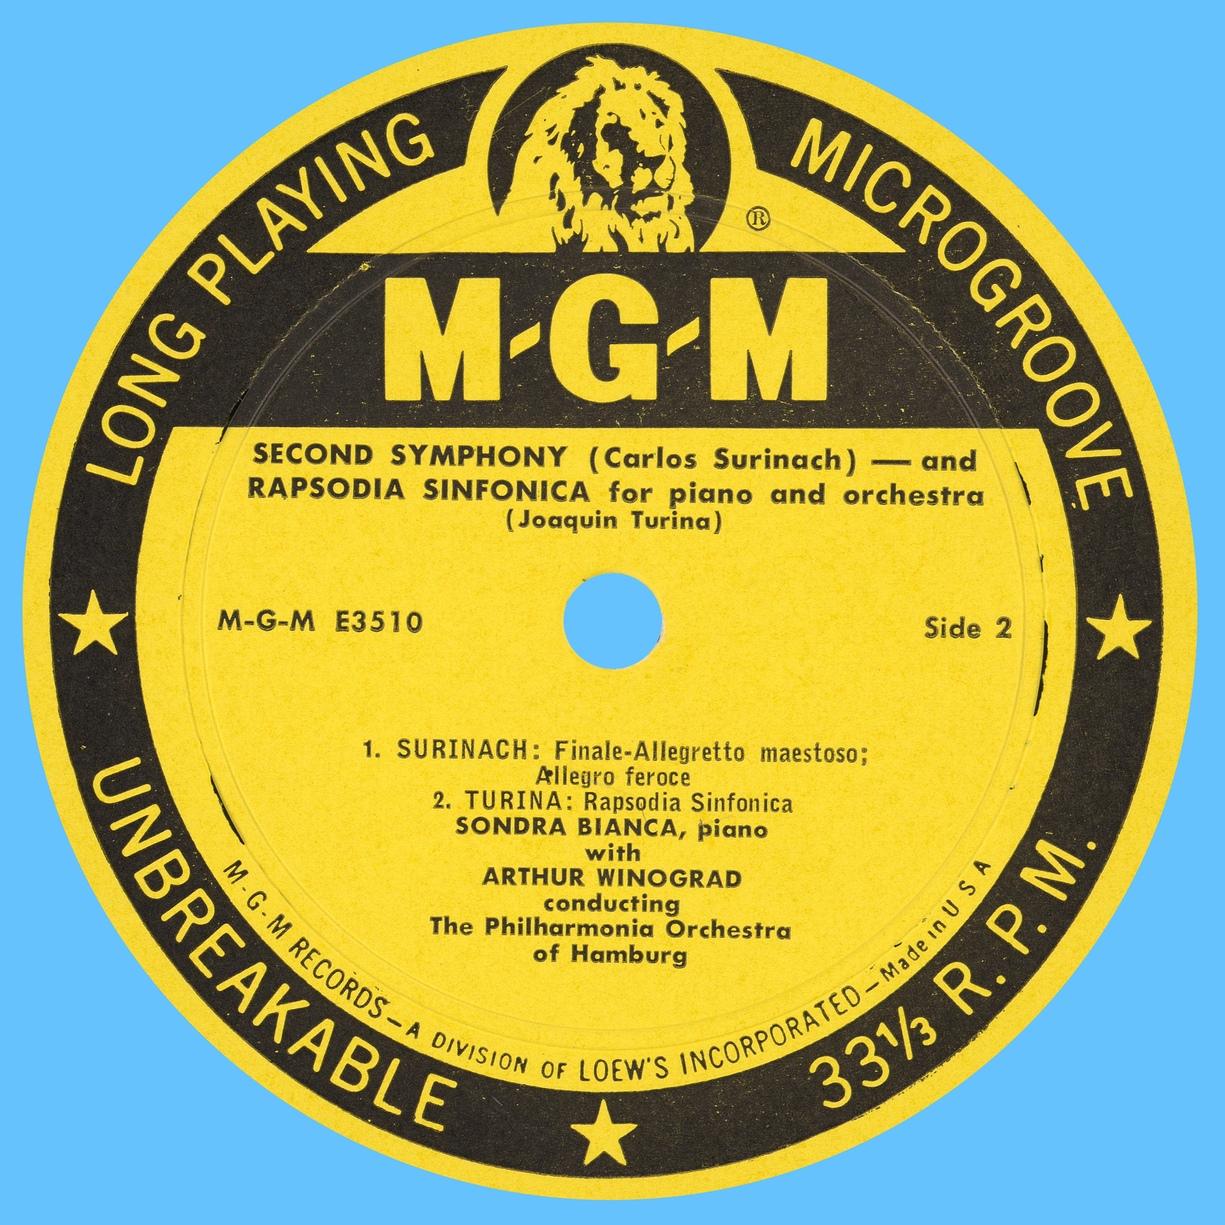 Étiquette recto du disque Metro Goldwyn Mayer MGM 3510